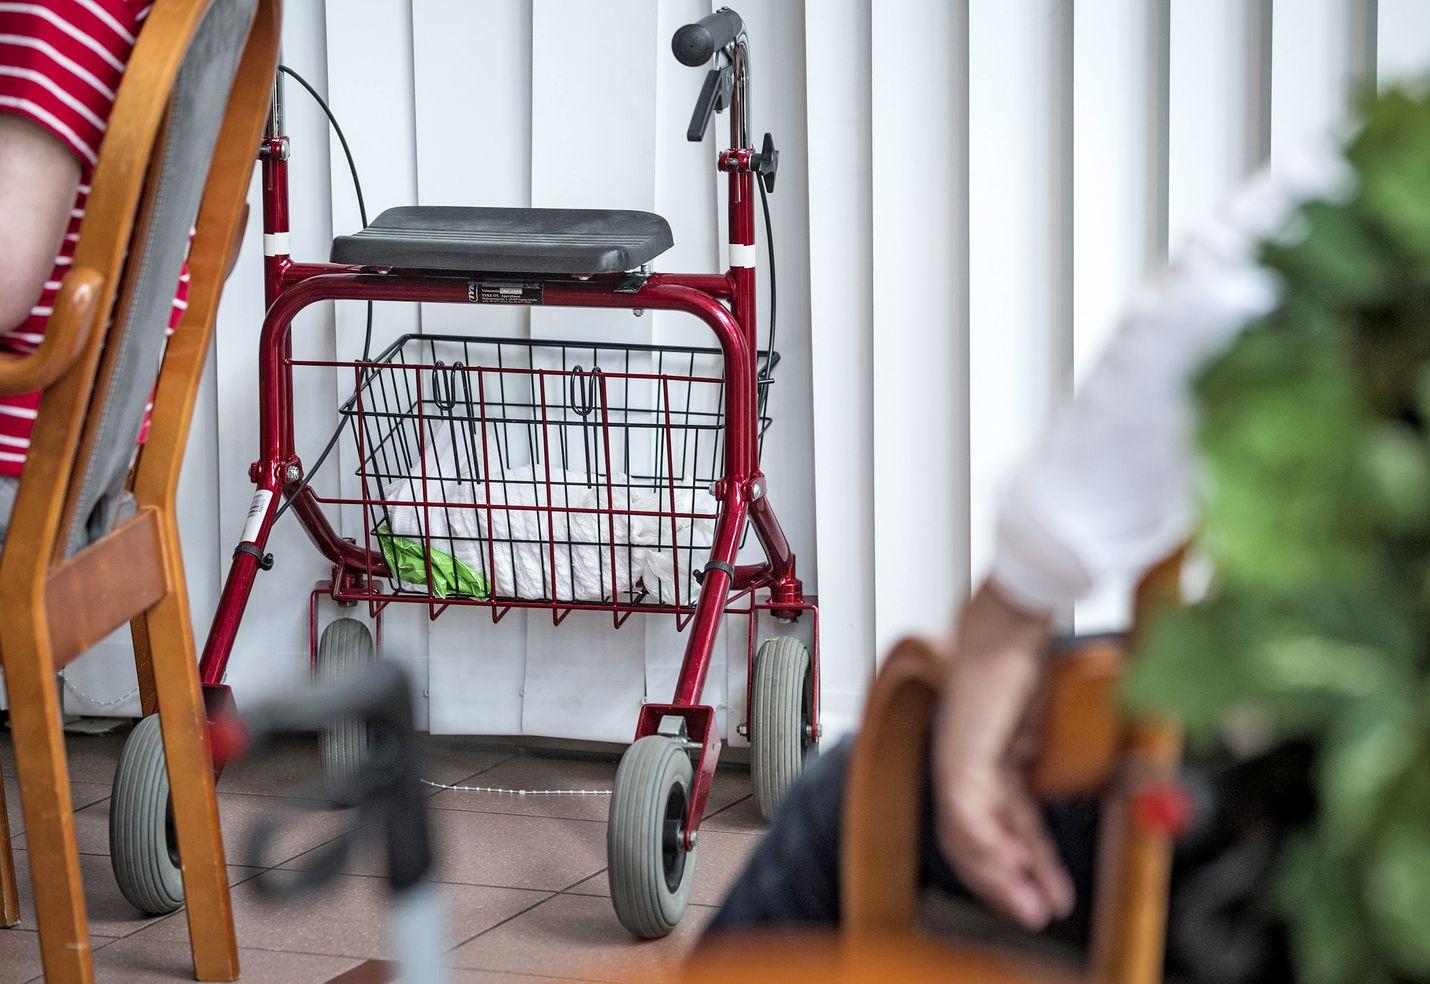 Vanhushoidon ongelmista on käyty kiivasta julkista keskustelua sen jälkeen, kun hoivakoti Ulrikan ongelmat tulivat pari viikkoa sitten julki.